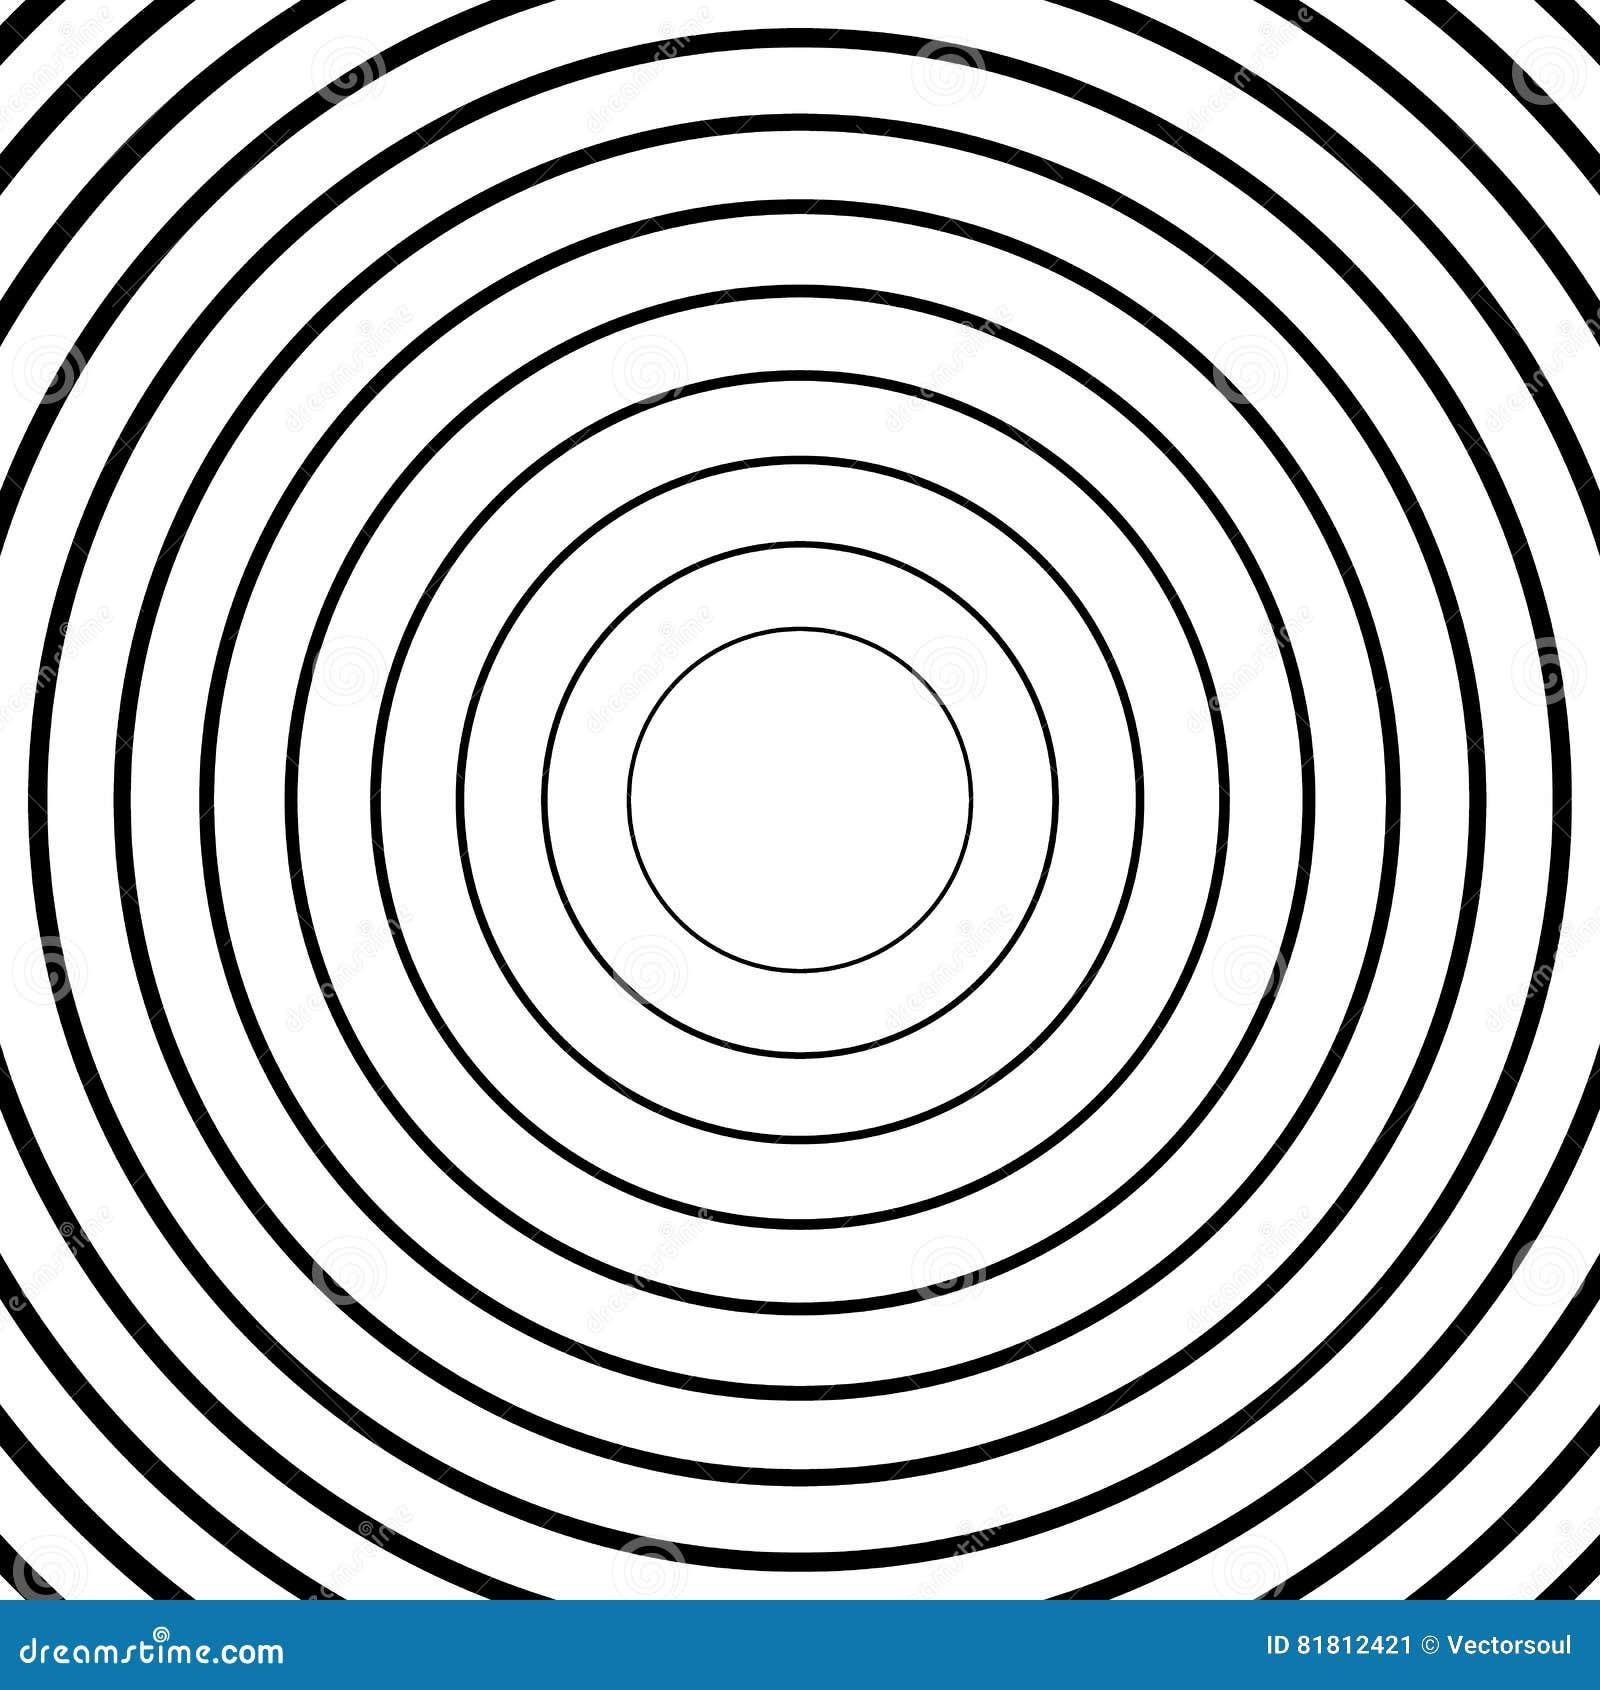 Ομόκεντροι κύκλοι, ακτινωτά σχέδια γραμμών Μονοχρωματική περίληψη